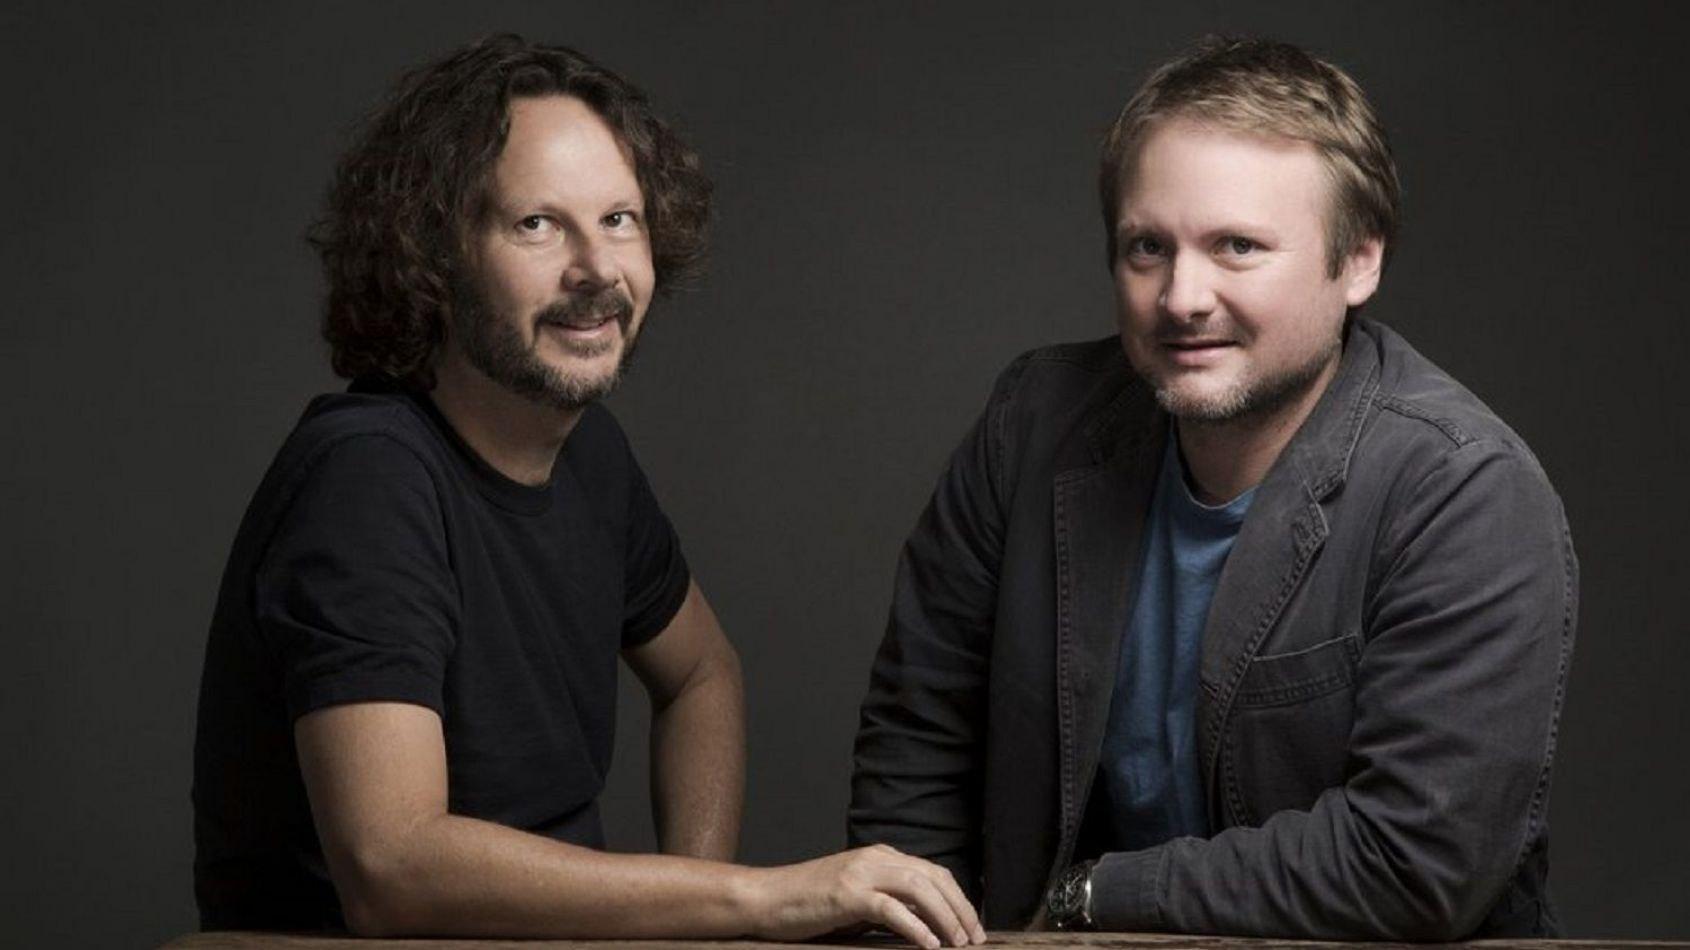 Le producteur Ram Bergman évoque la future trilogie de Rian Johnson